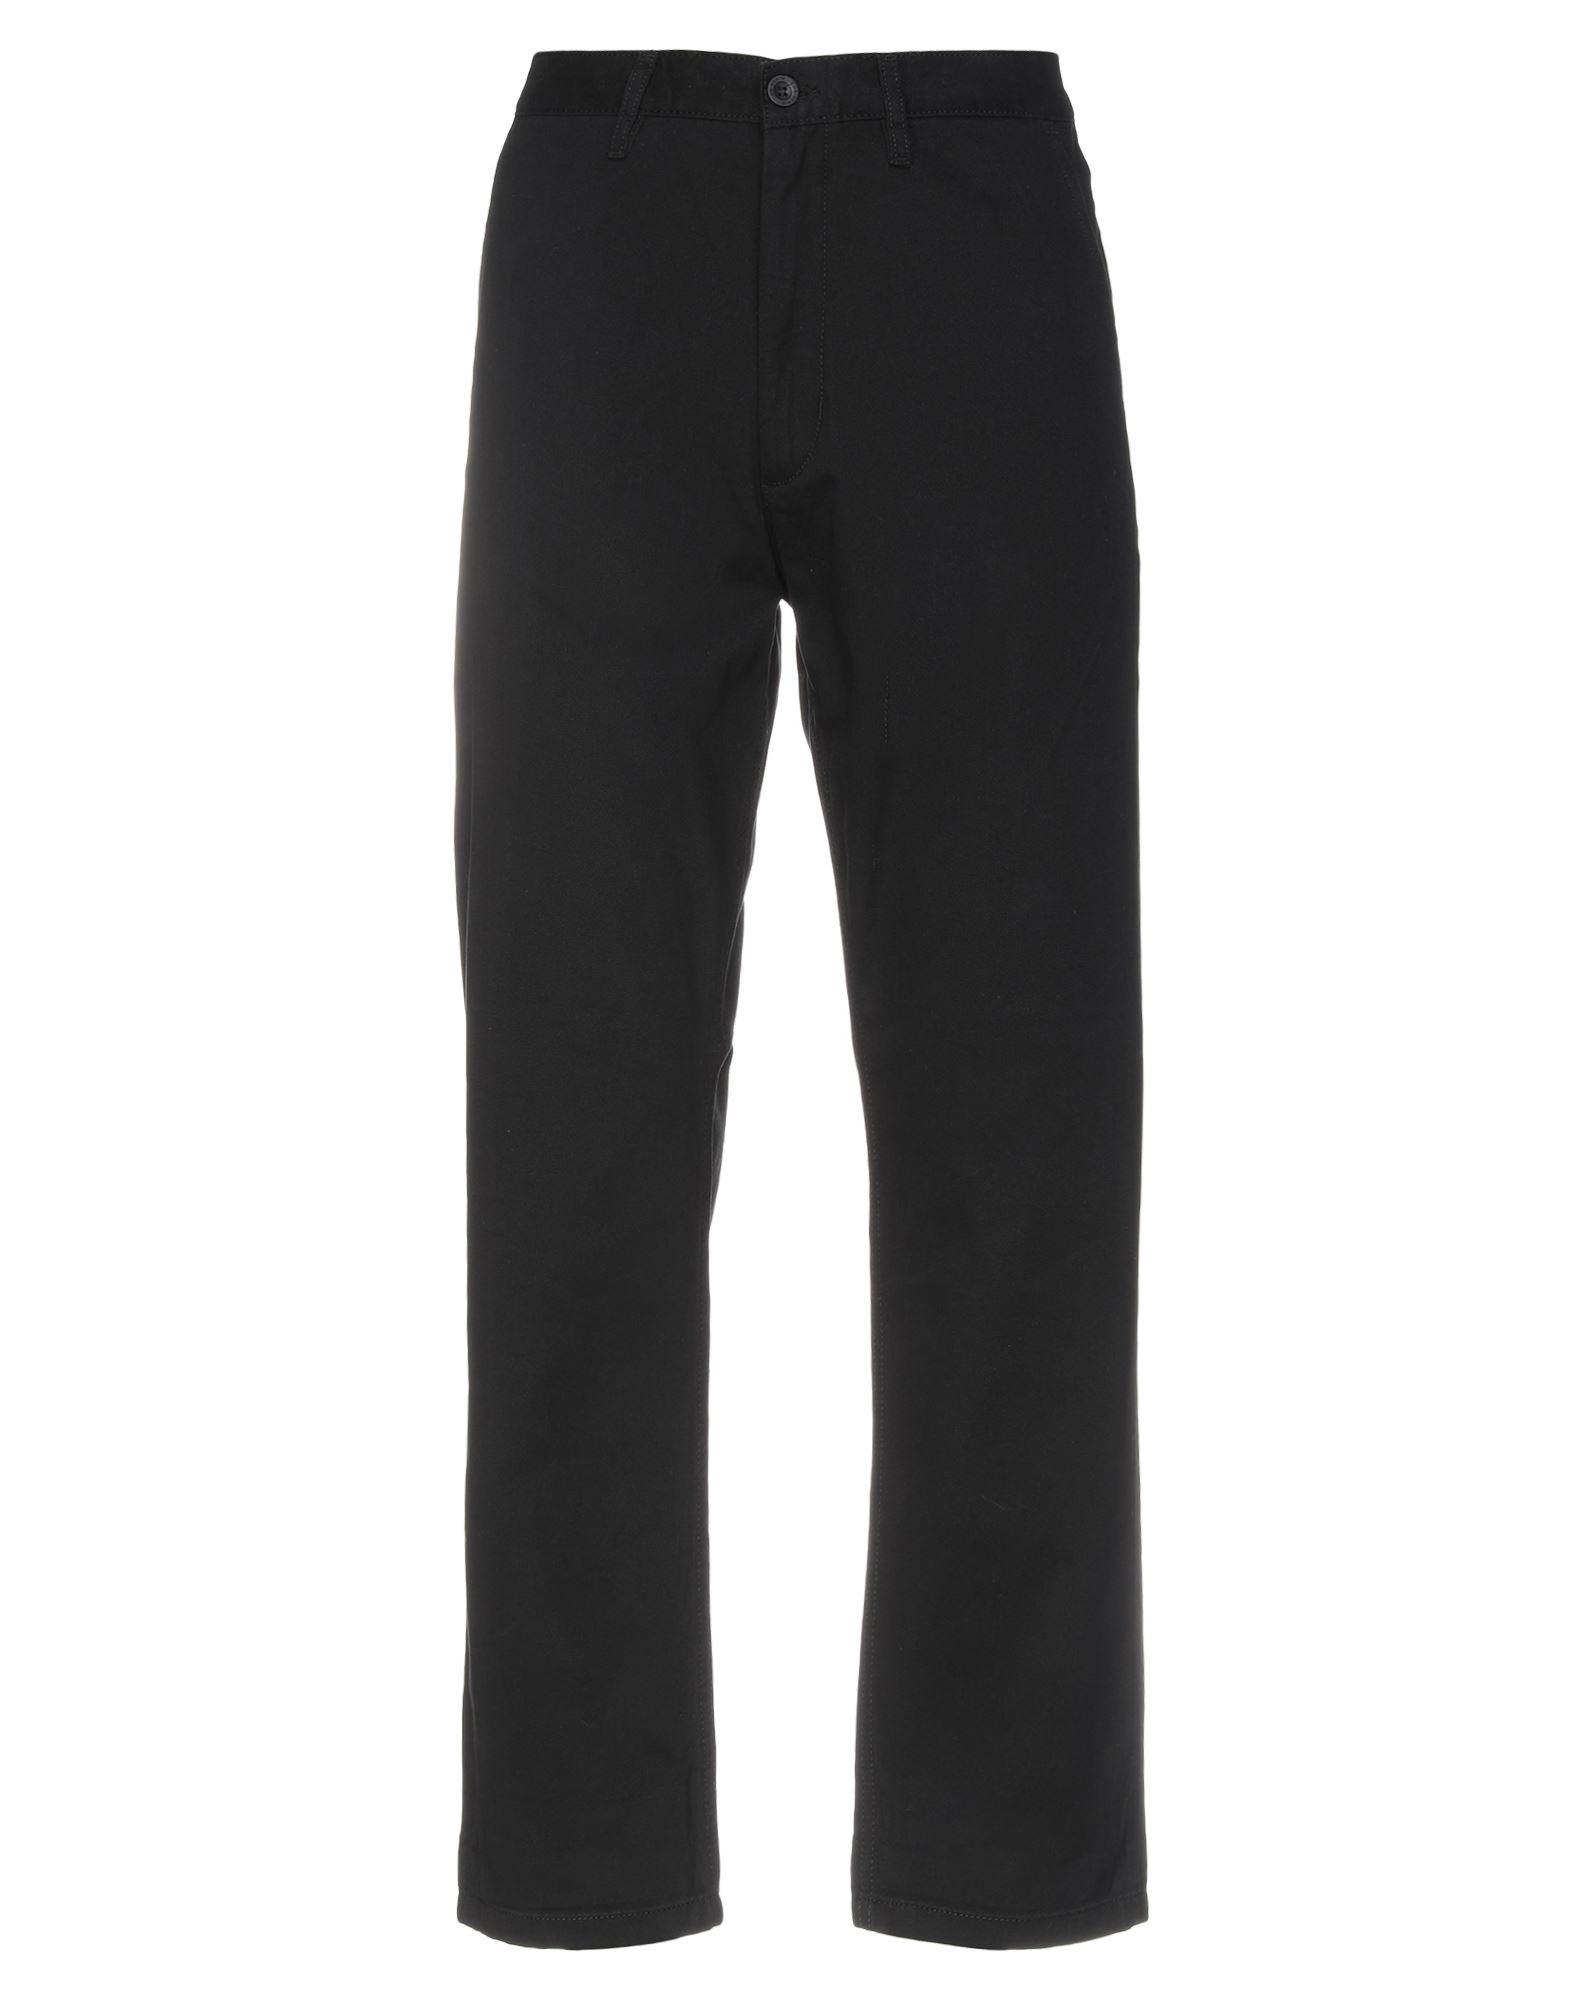 DR. DENIM JEANSMAKERS Повседневные брюки dr denim jeansmakers комплект белья